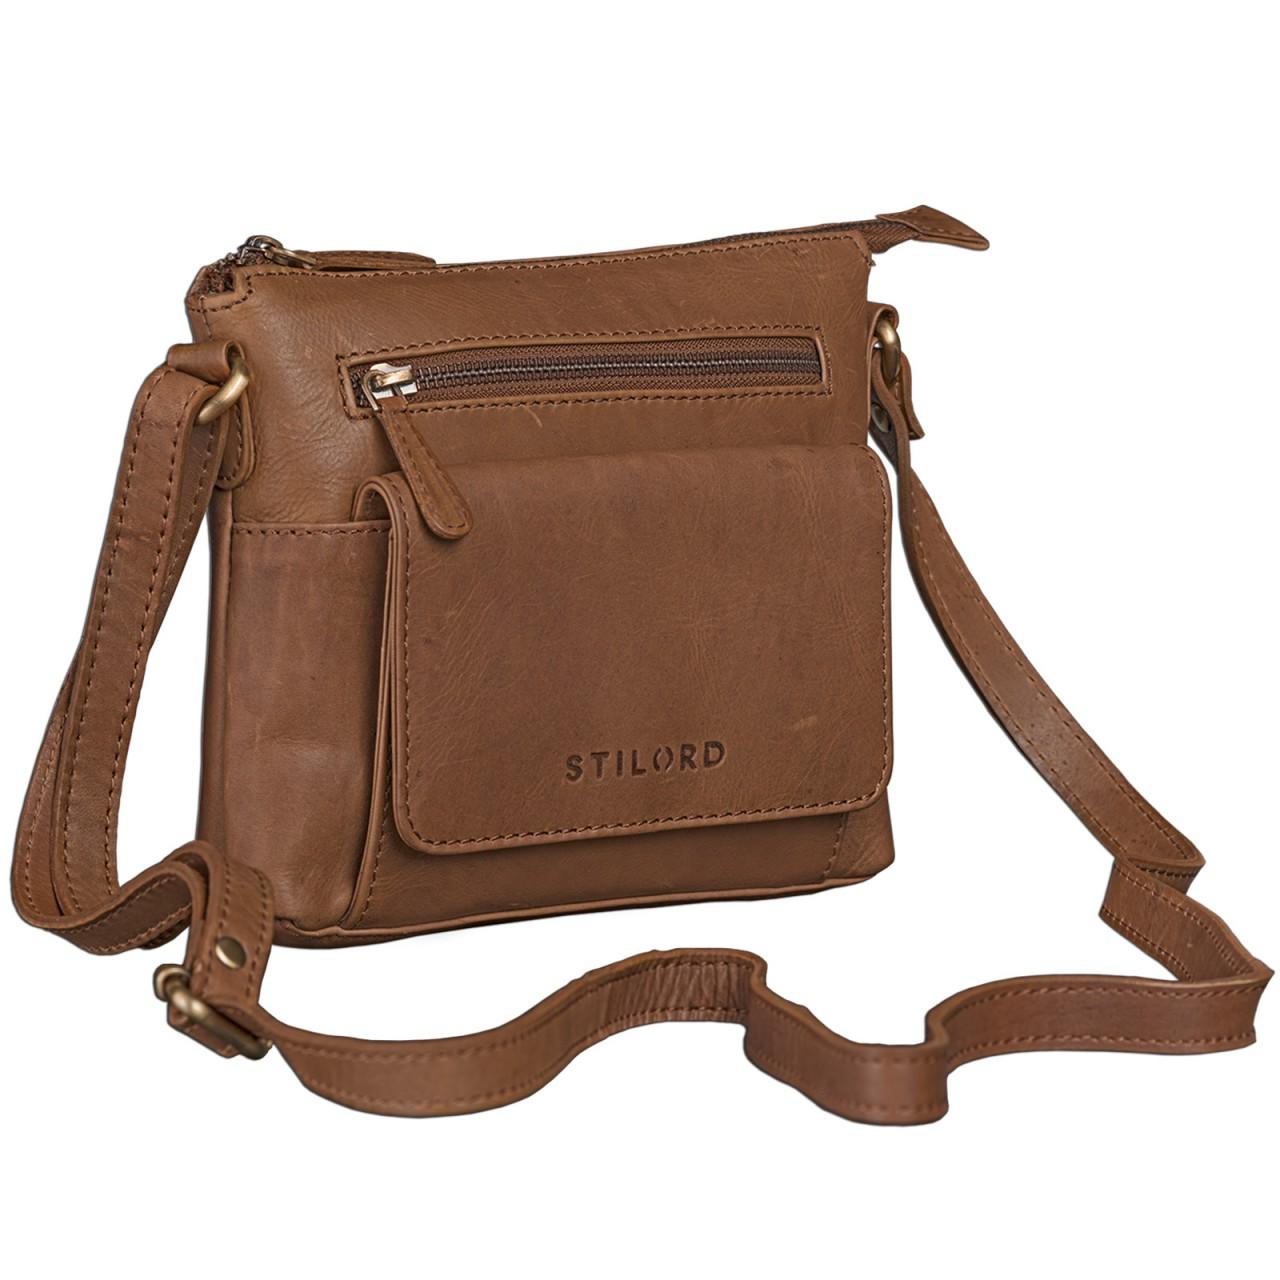 STILORD Vintage Umhängetasche klein Damen braun Schultertasche Handtasche Ausgehen Freizeit Abendtasche Büffel Leder cognac braun - Bild 1